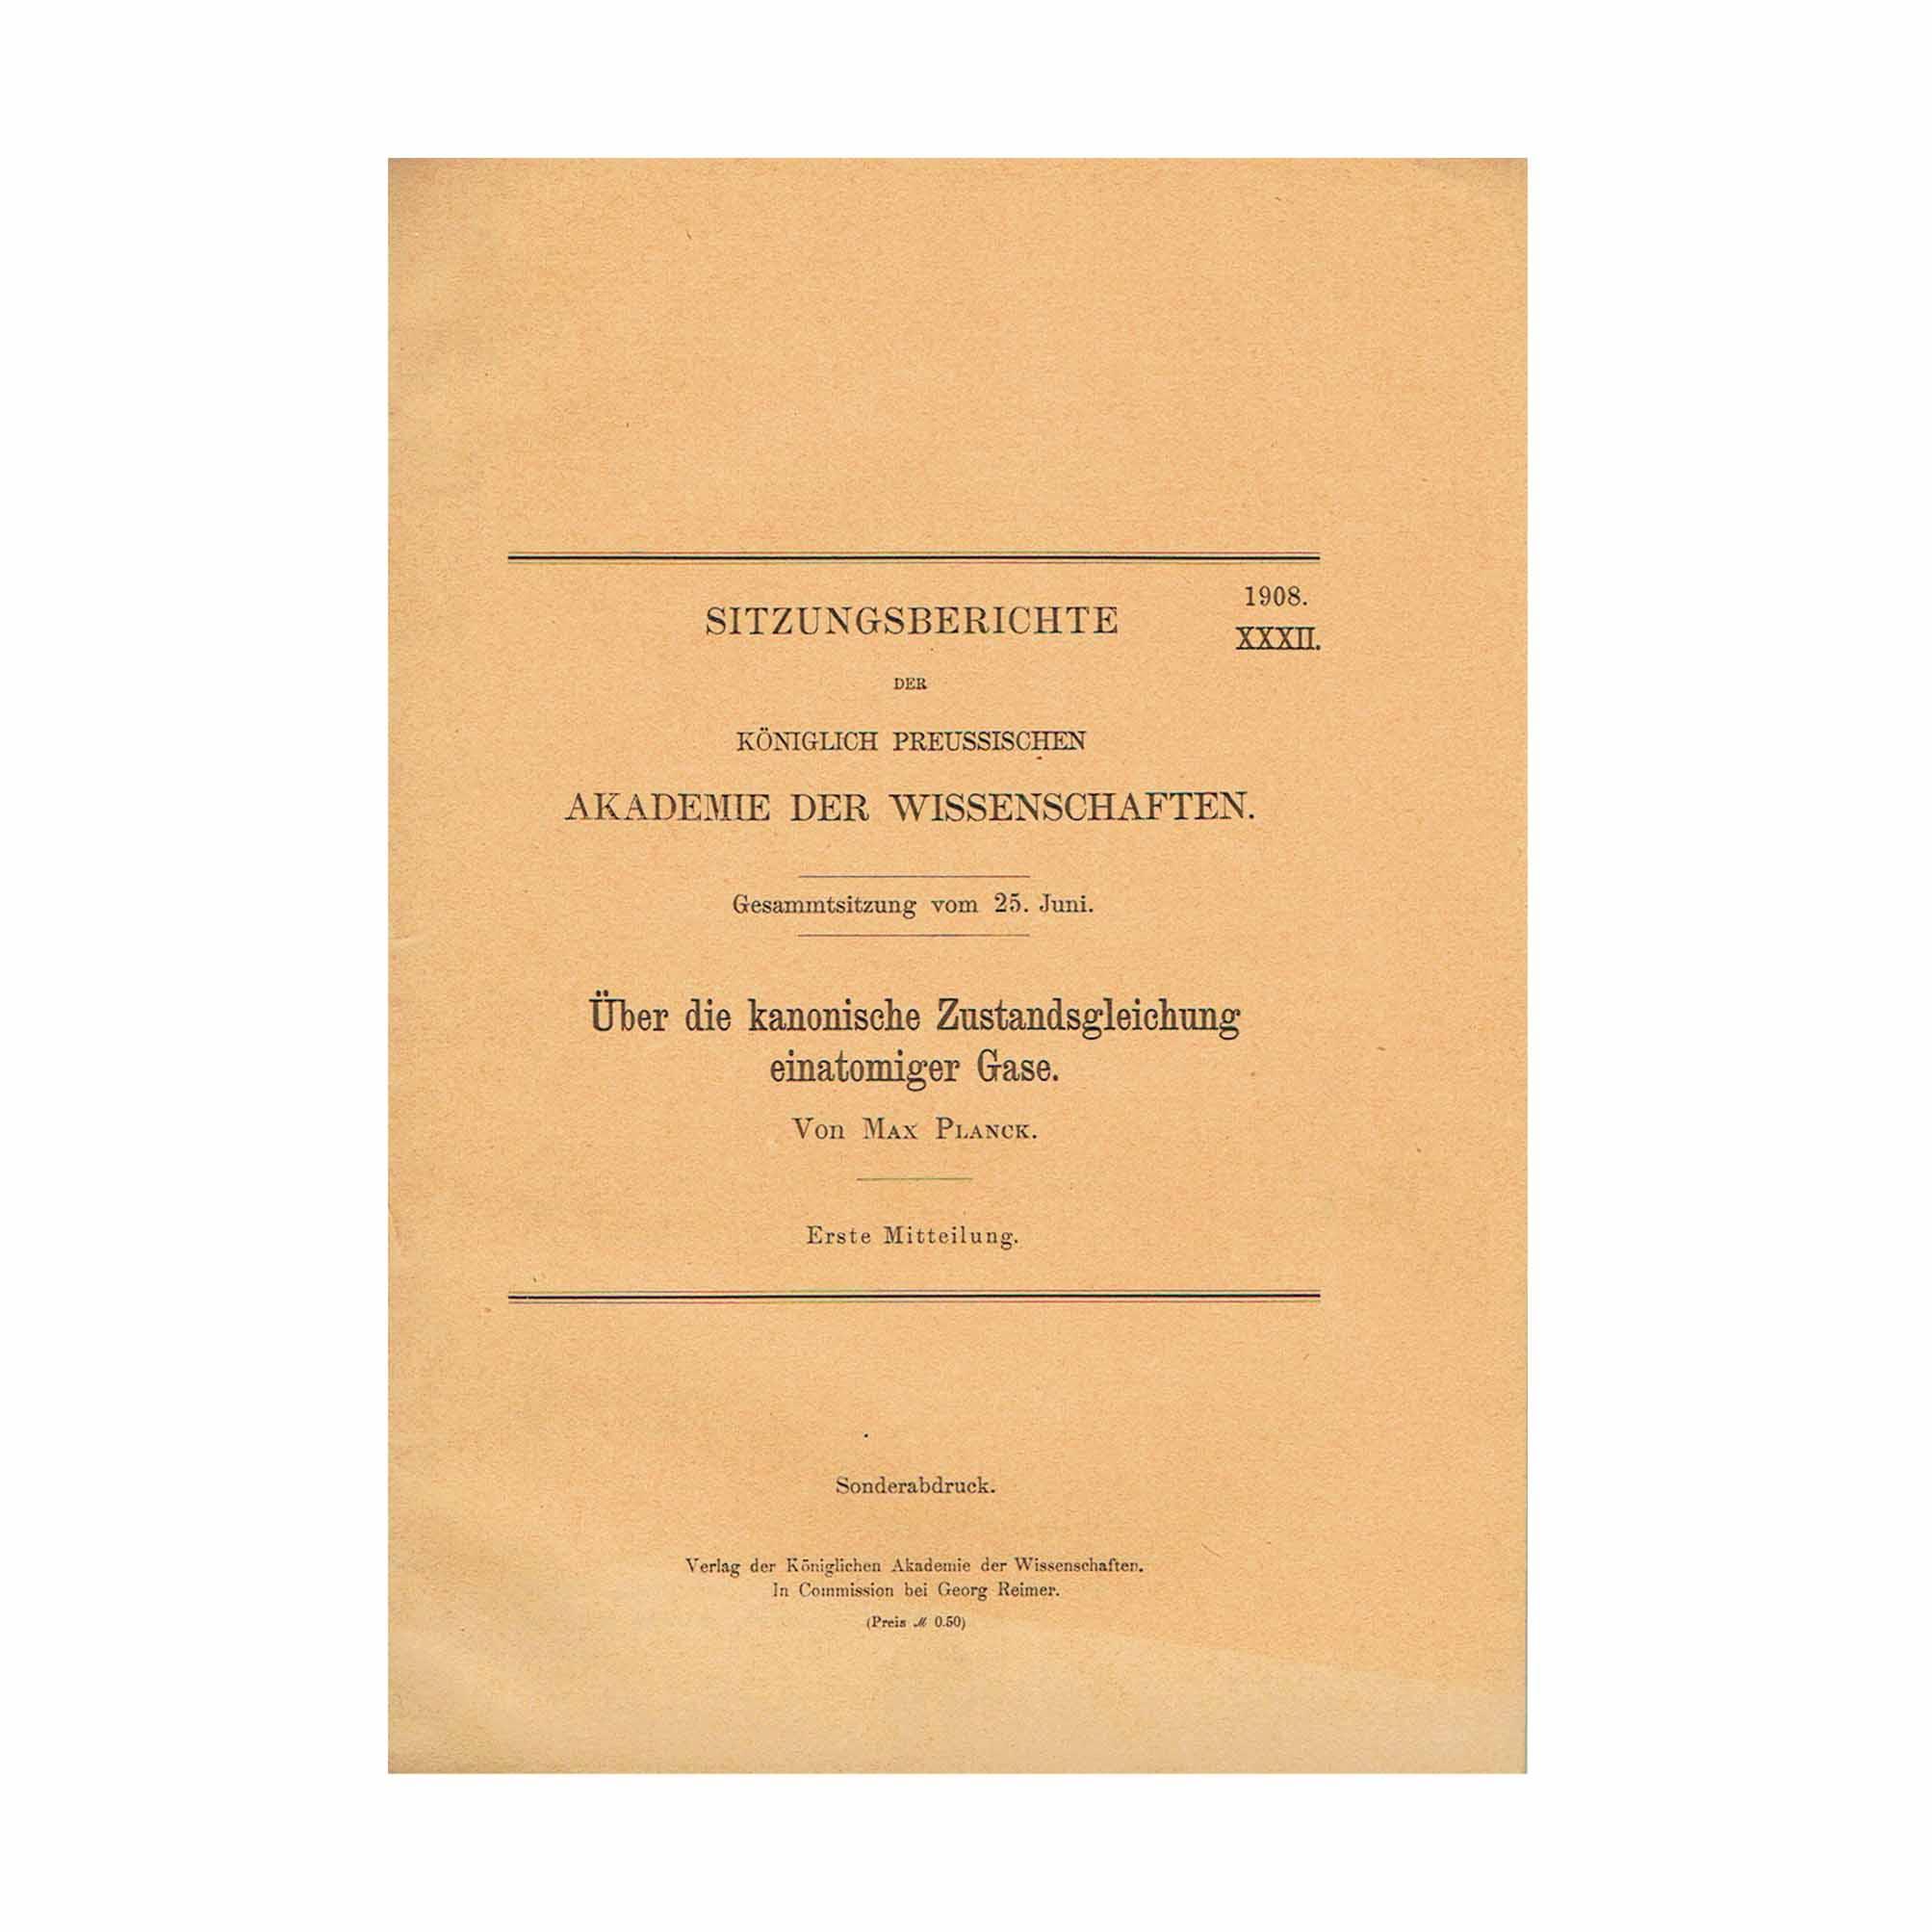 5814K-Planck-Zustandsgleichung-Einatomiger-Gase-1908-Front-Cover-N.jpg